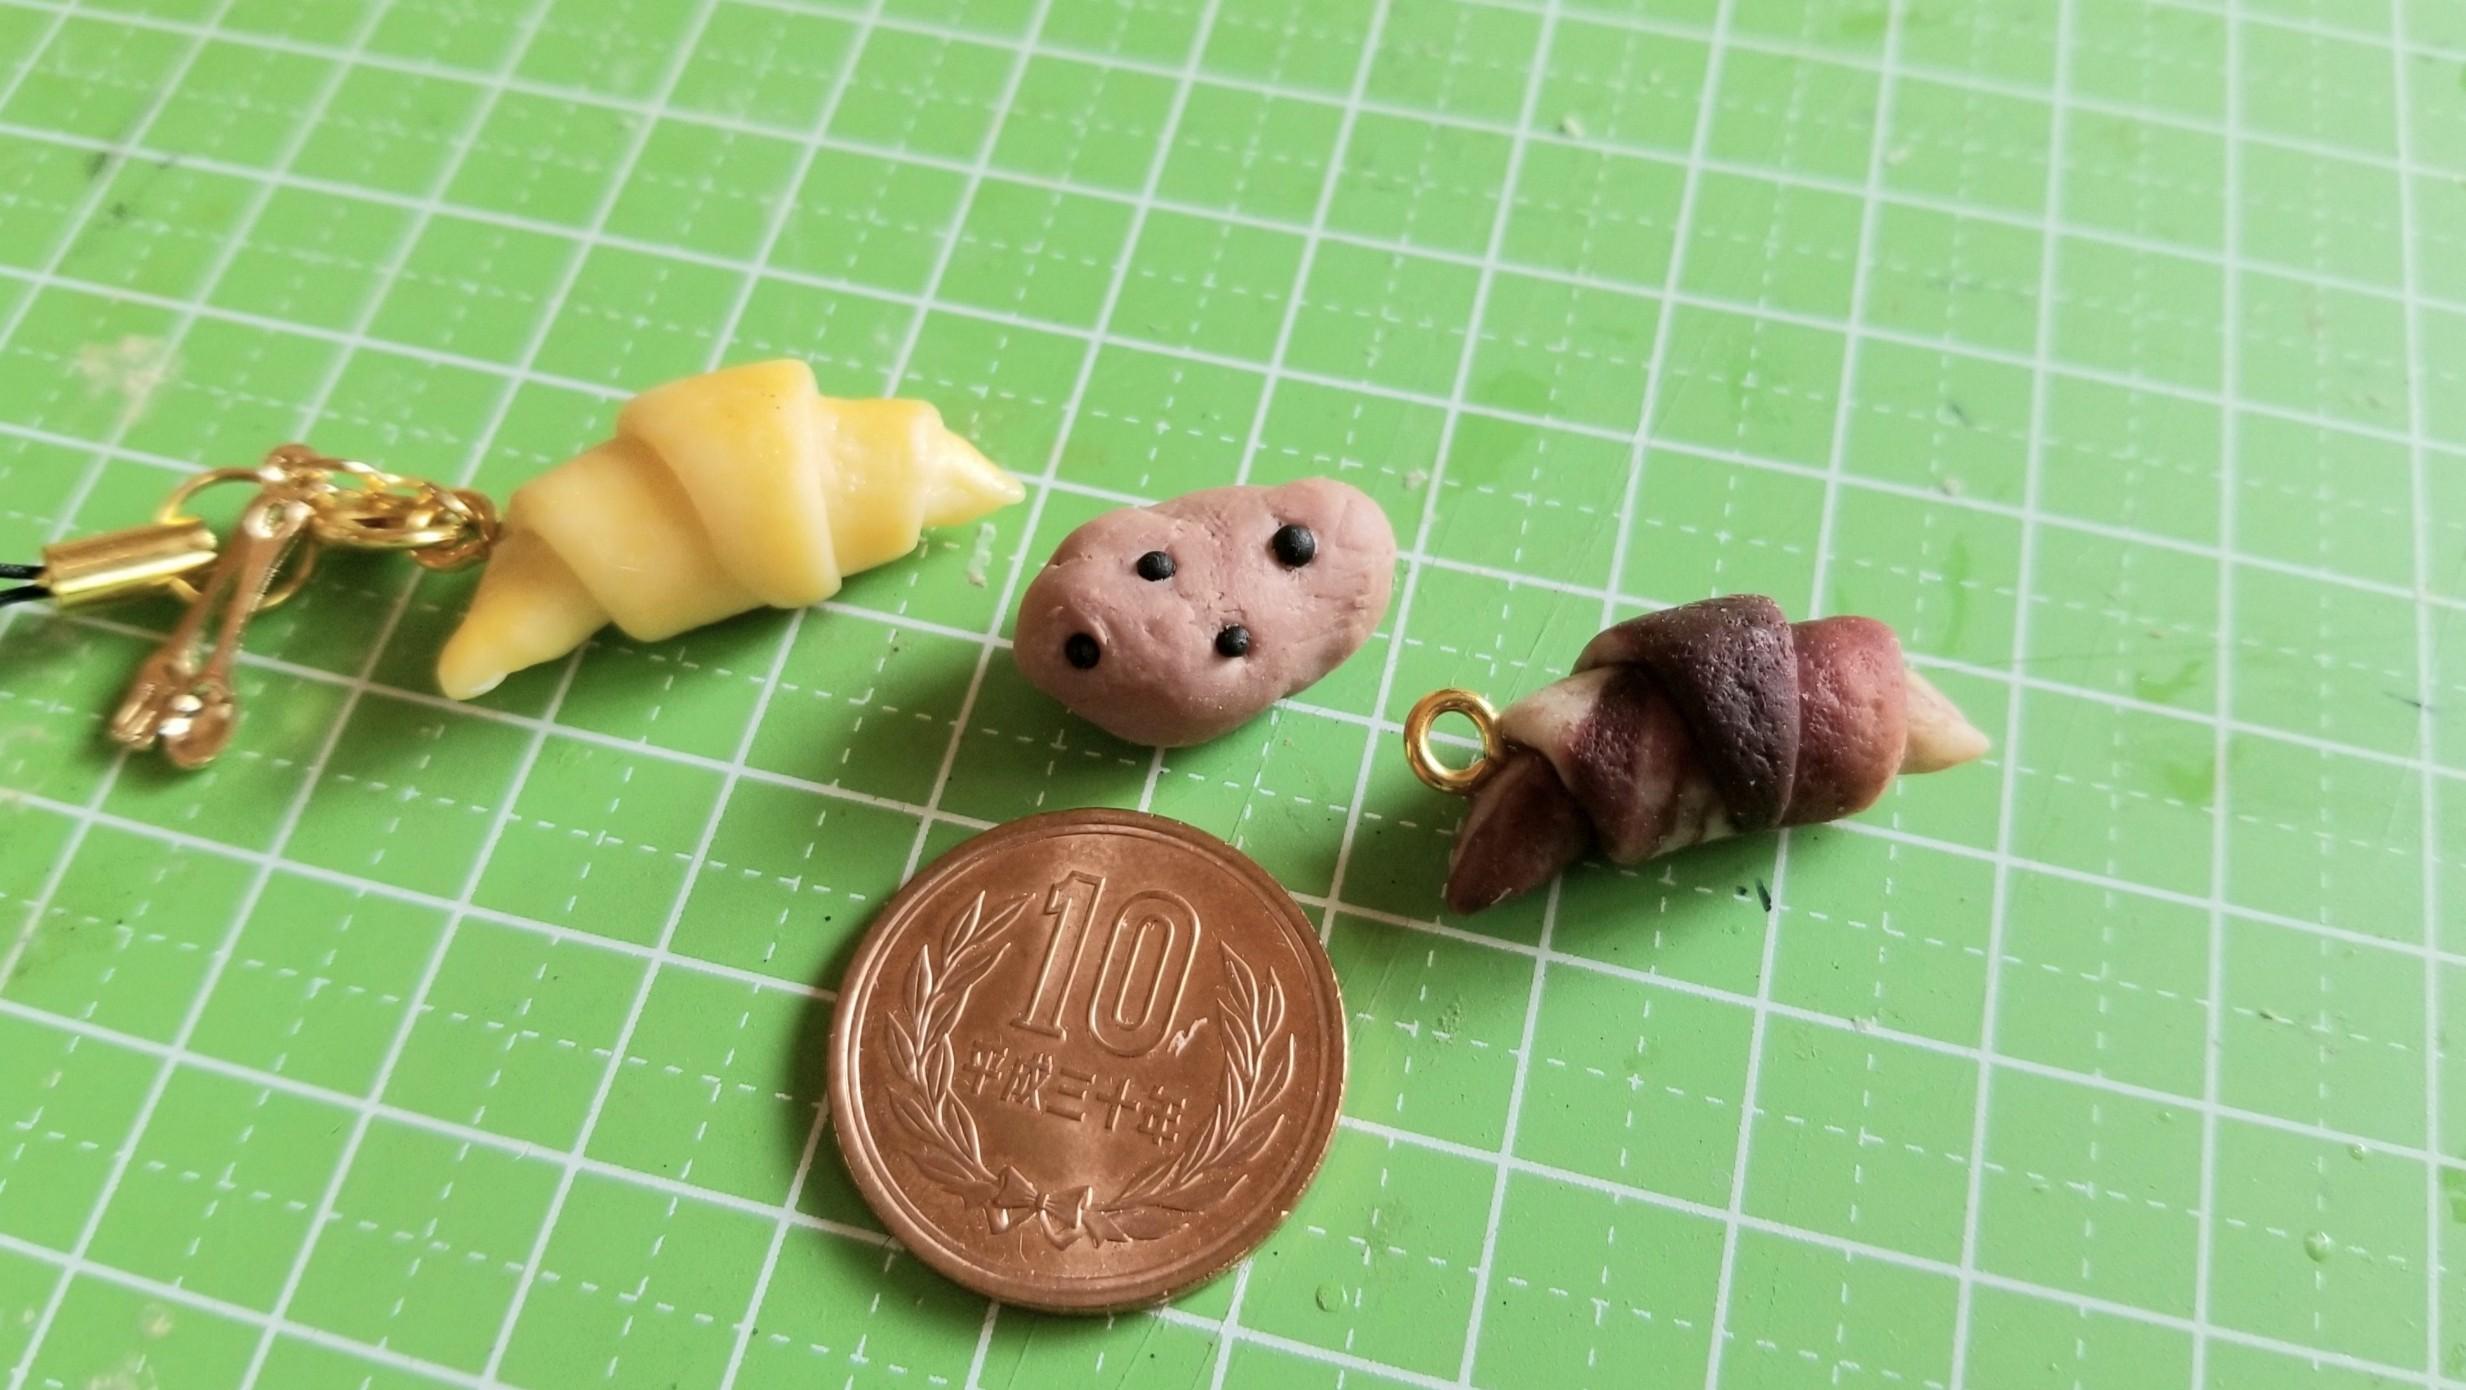 おば初めてのミニチュアフード樹脂粘土手作りパンクロワッサン